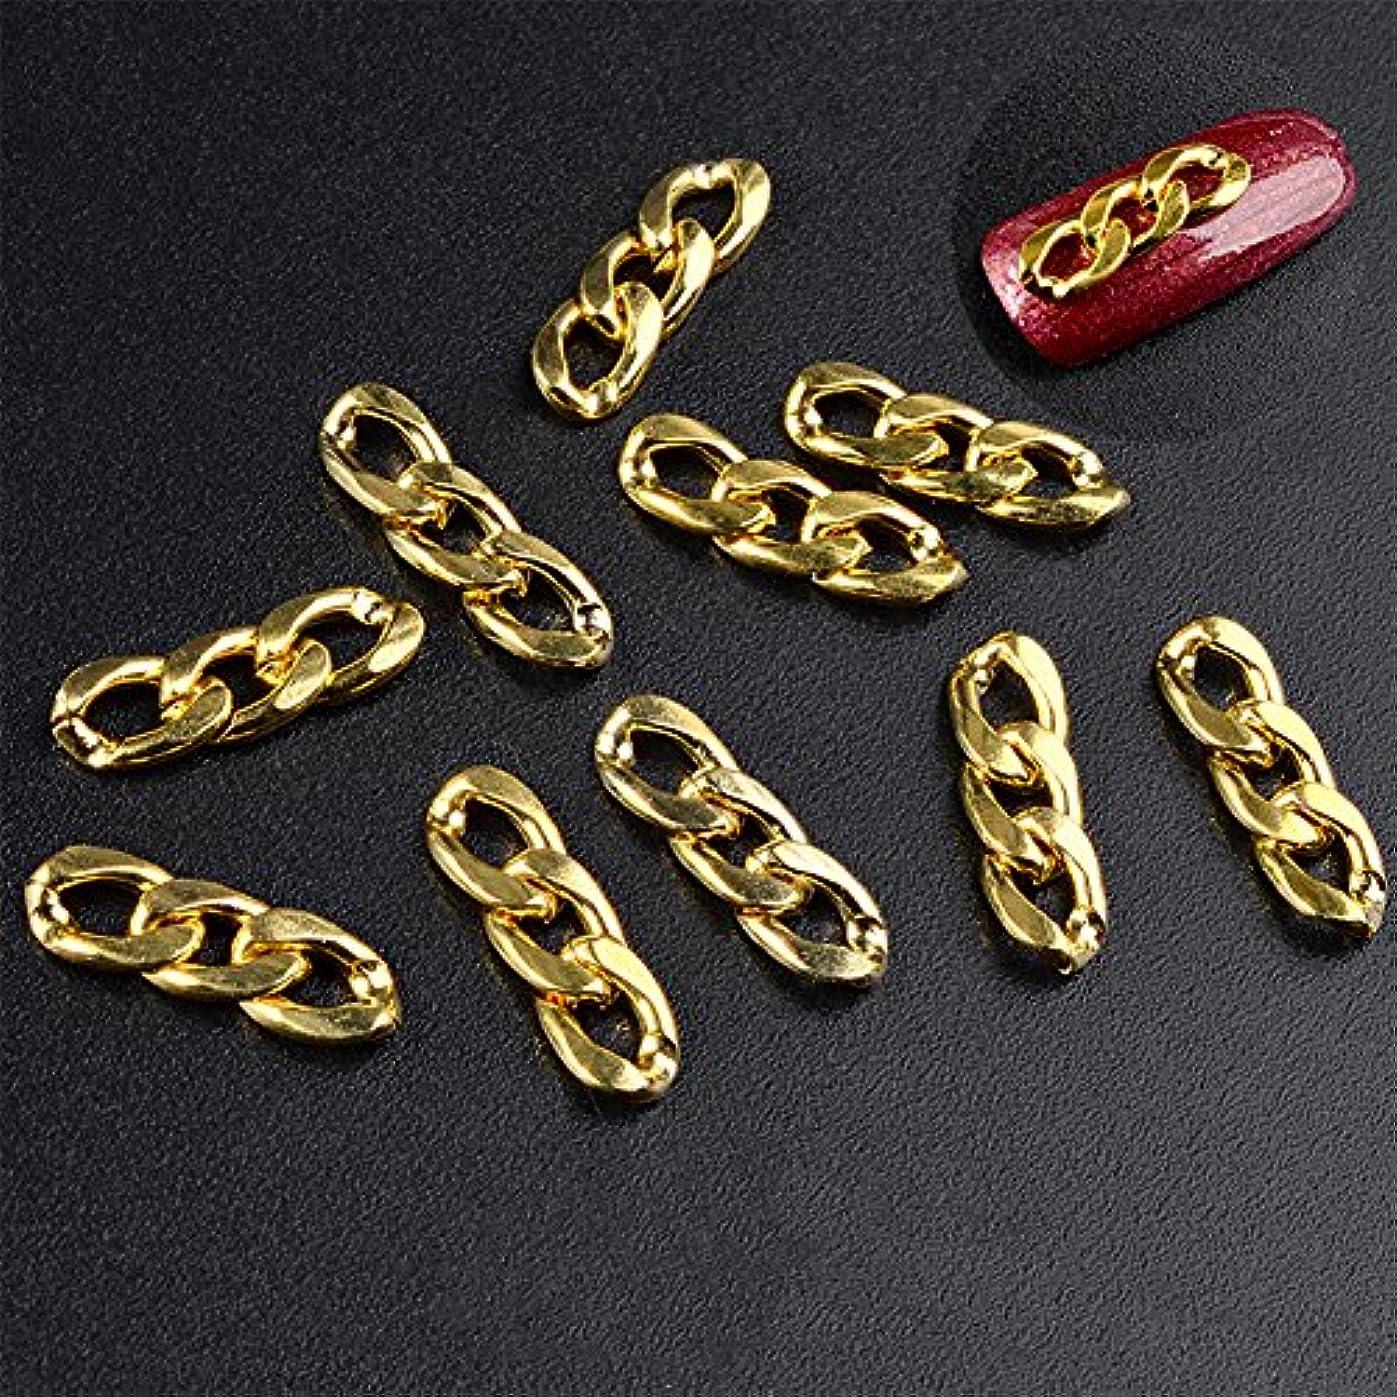 命令良心的危険を冒しますRabugoo 10PCSシャイニーネイルアートチェーンの装飾マニキュア供給 gold